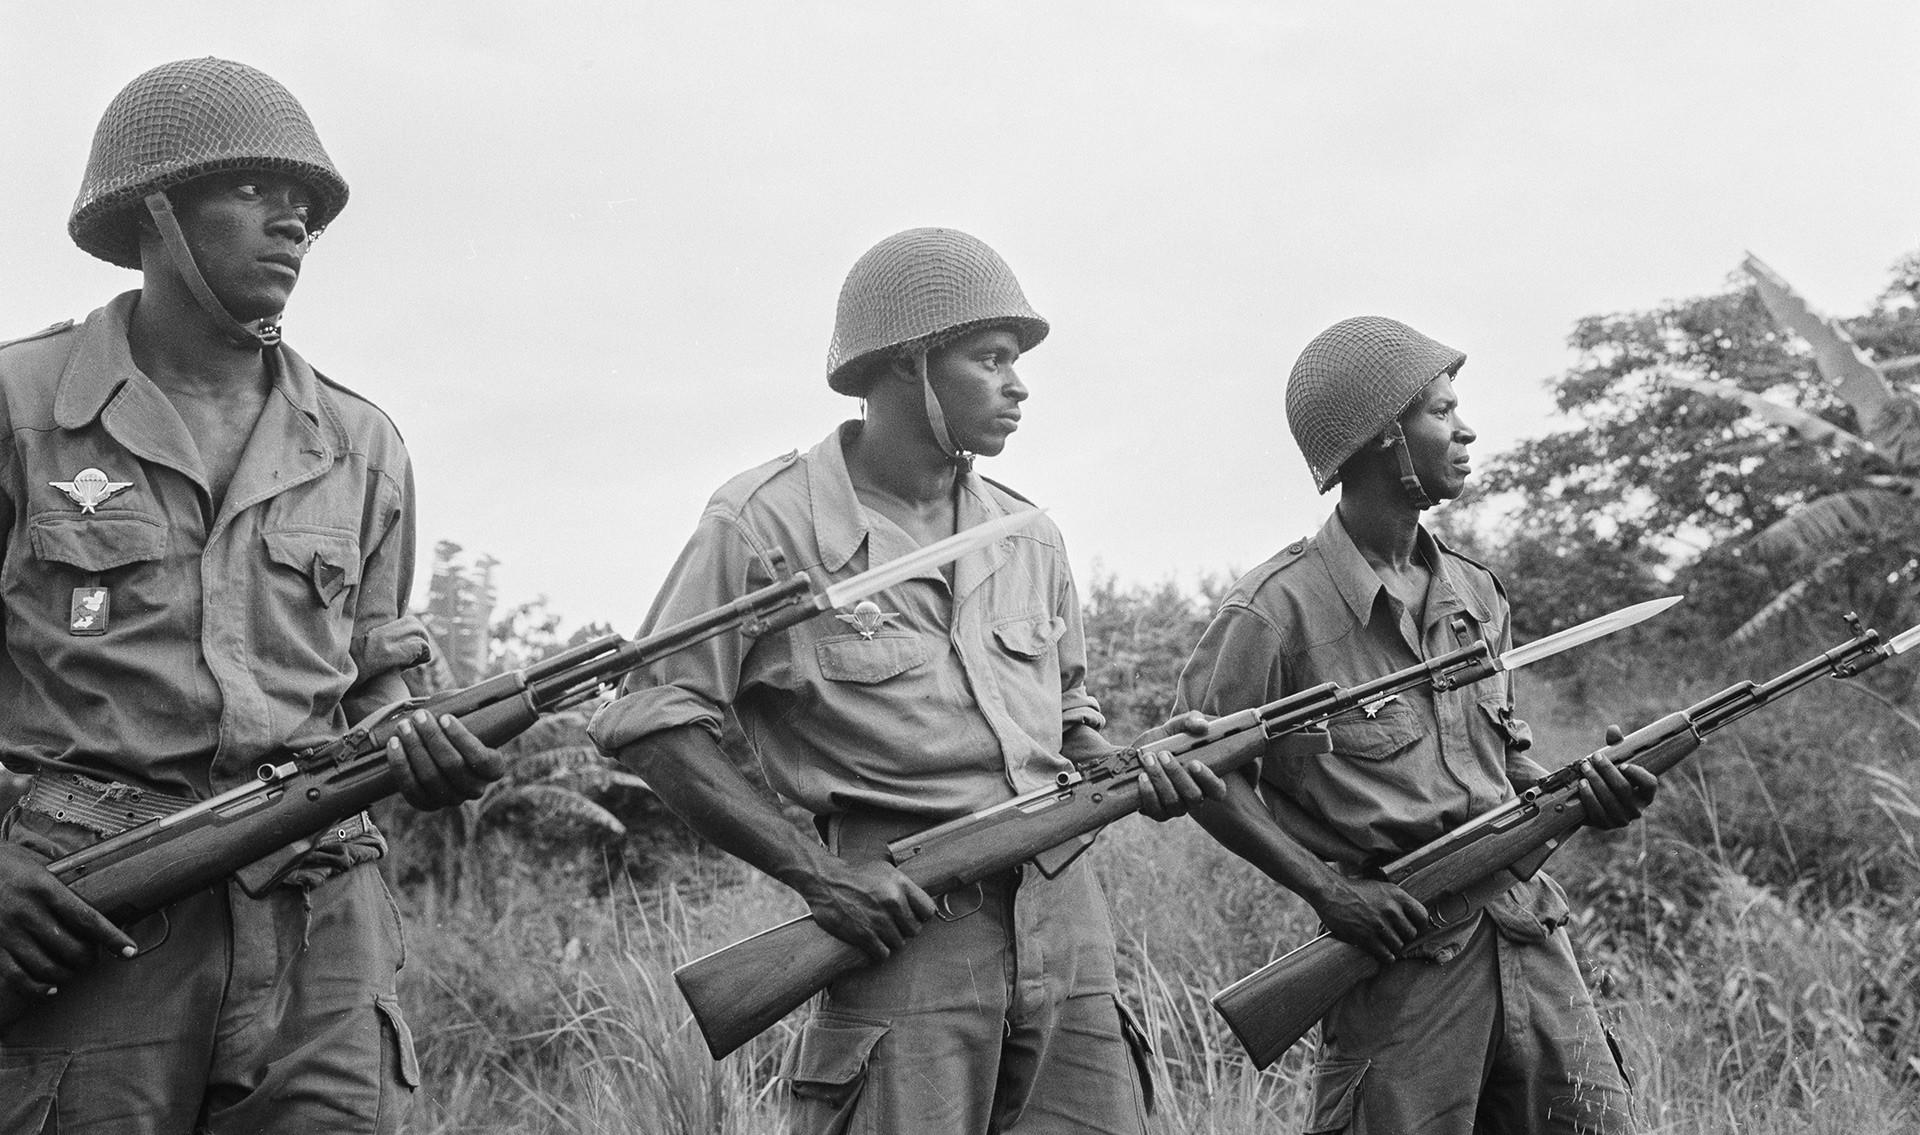 Vojake narodne ljudske vojske Republike Kongo